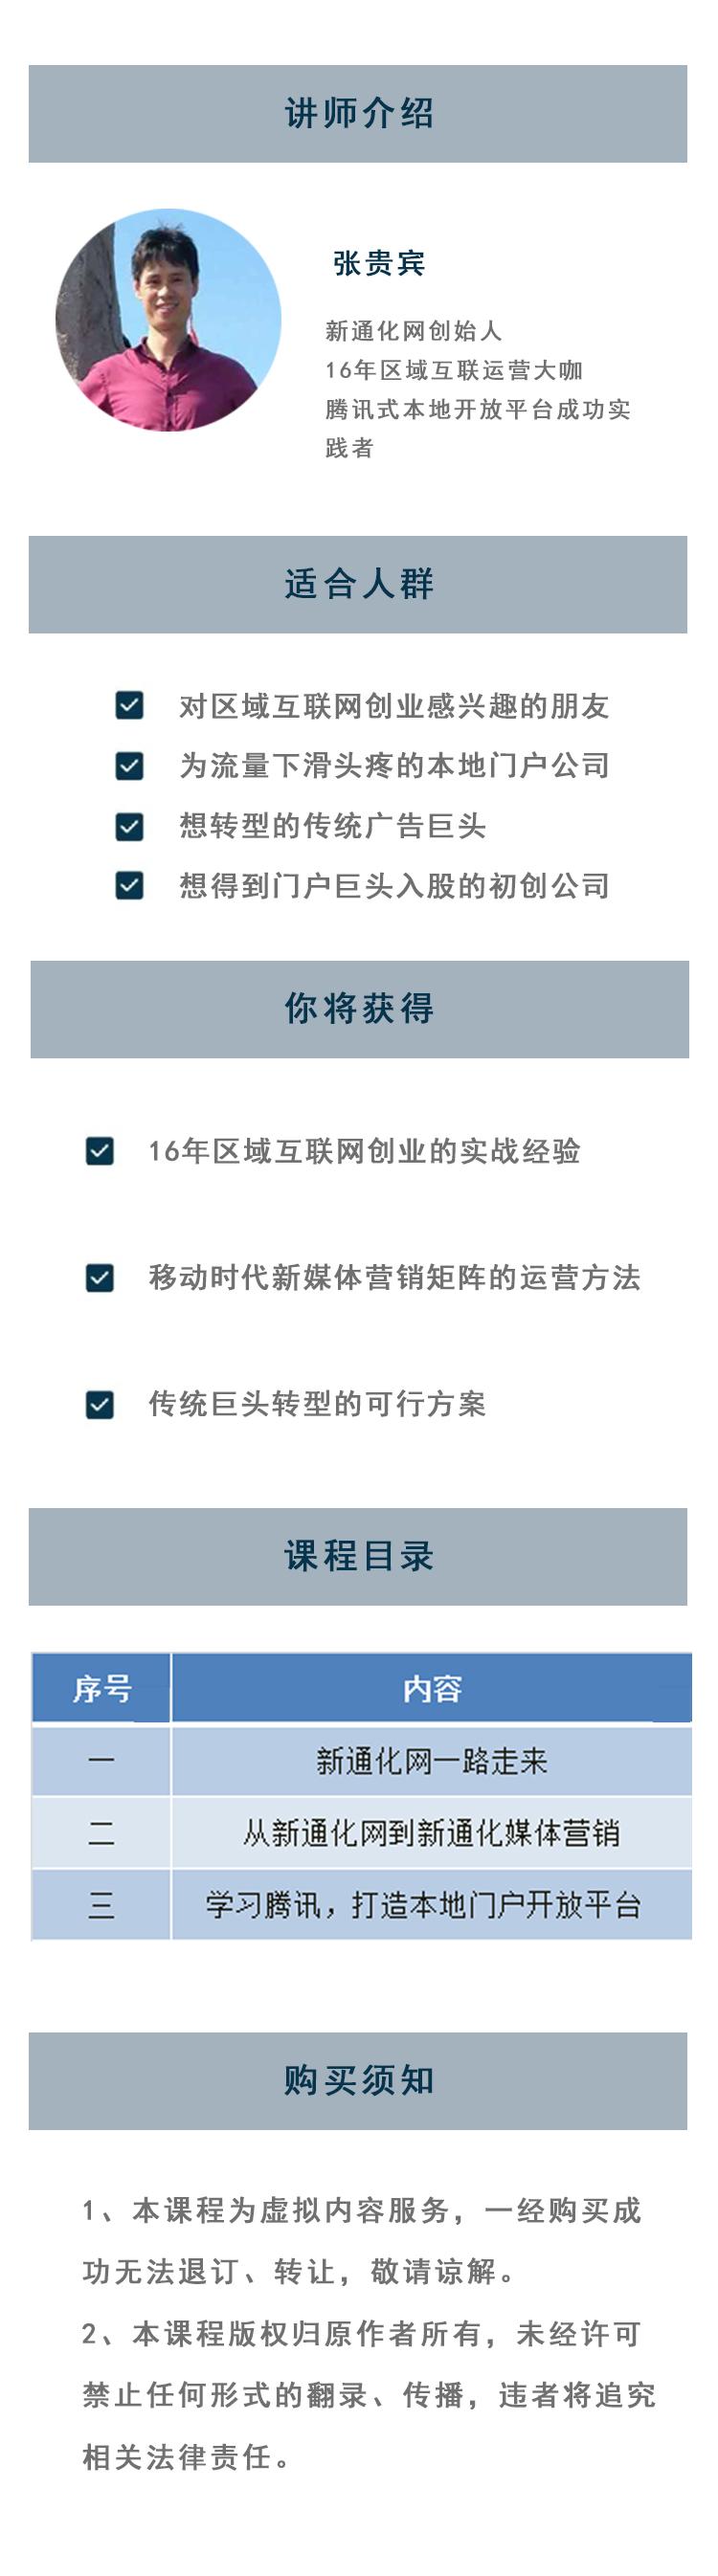 详情页模板-张贵.jpg